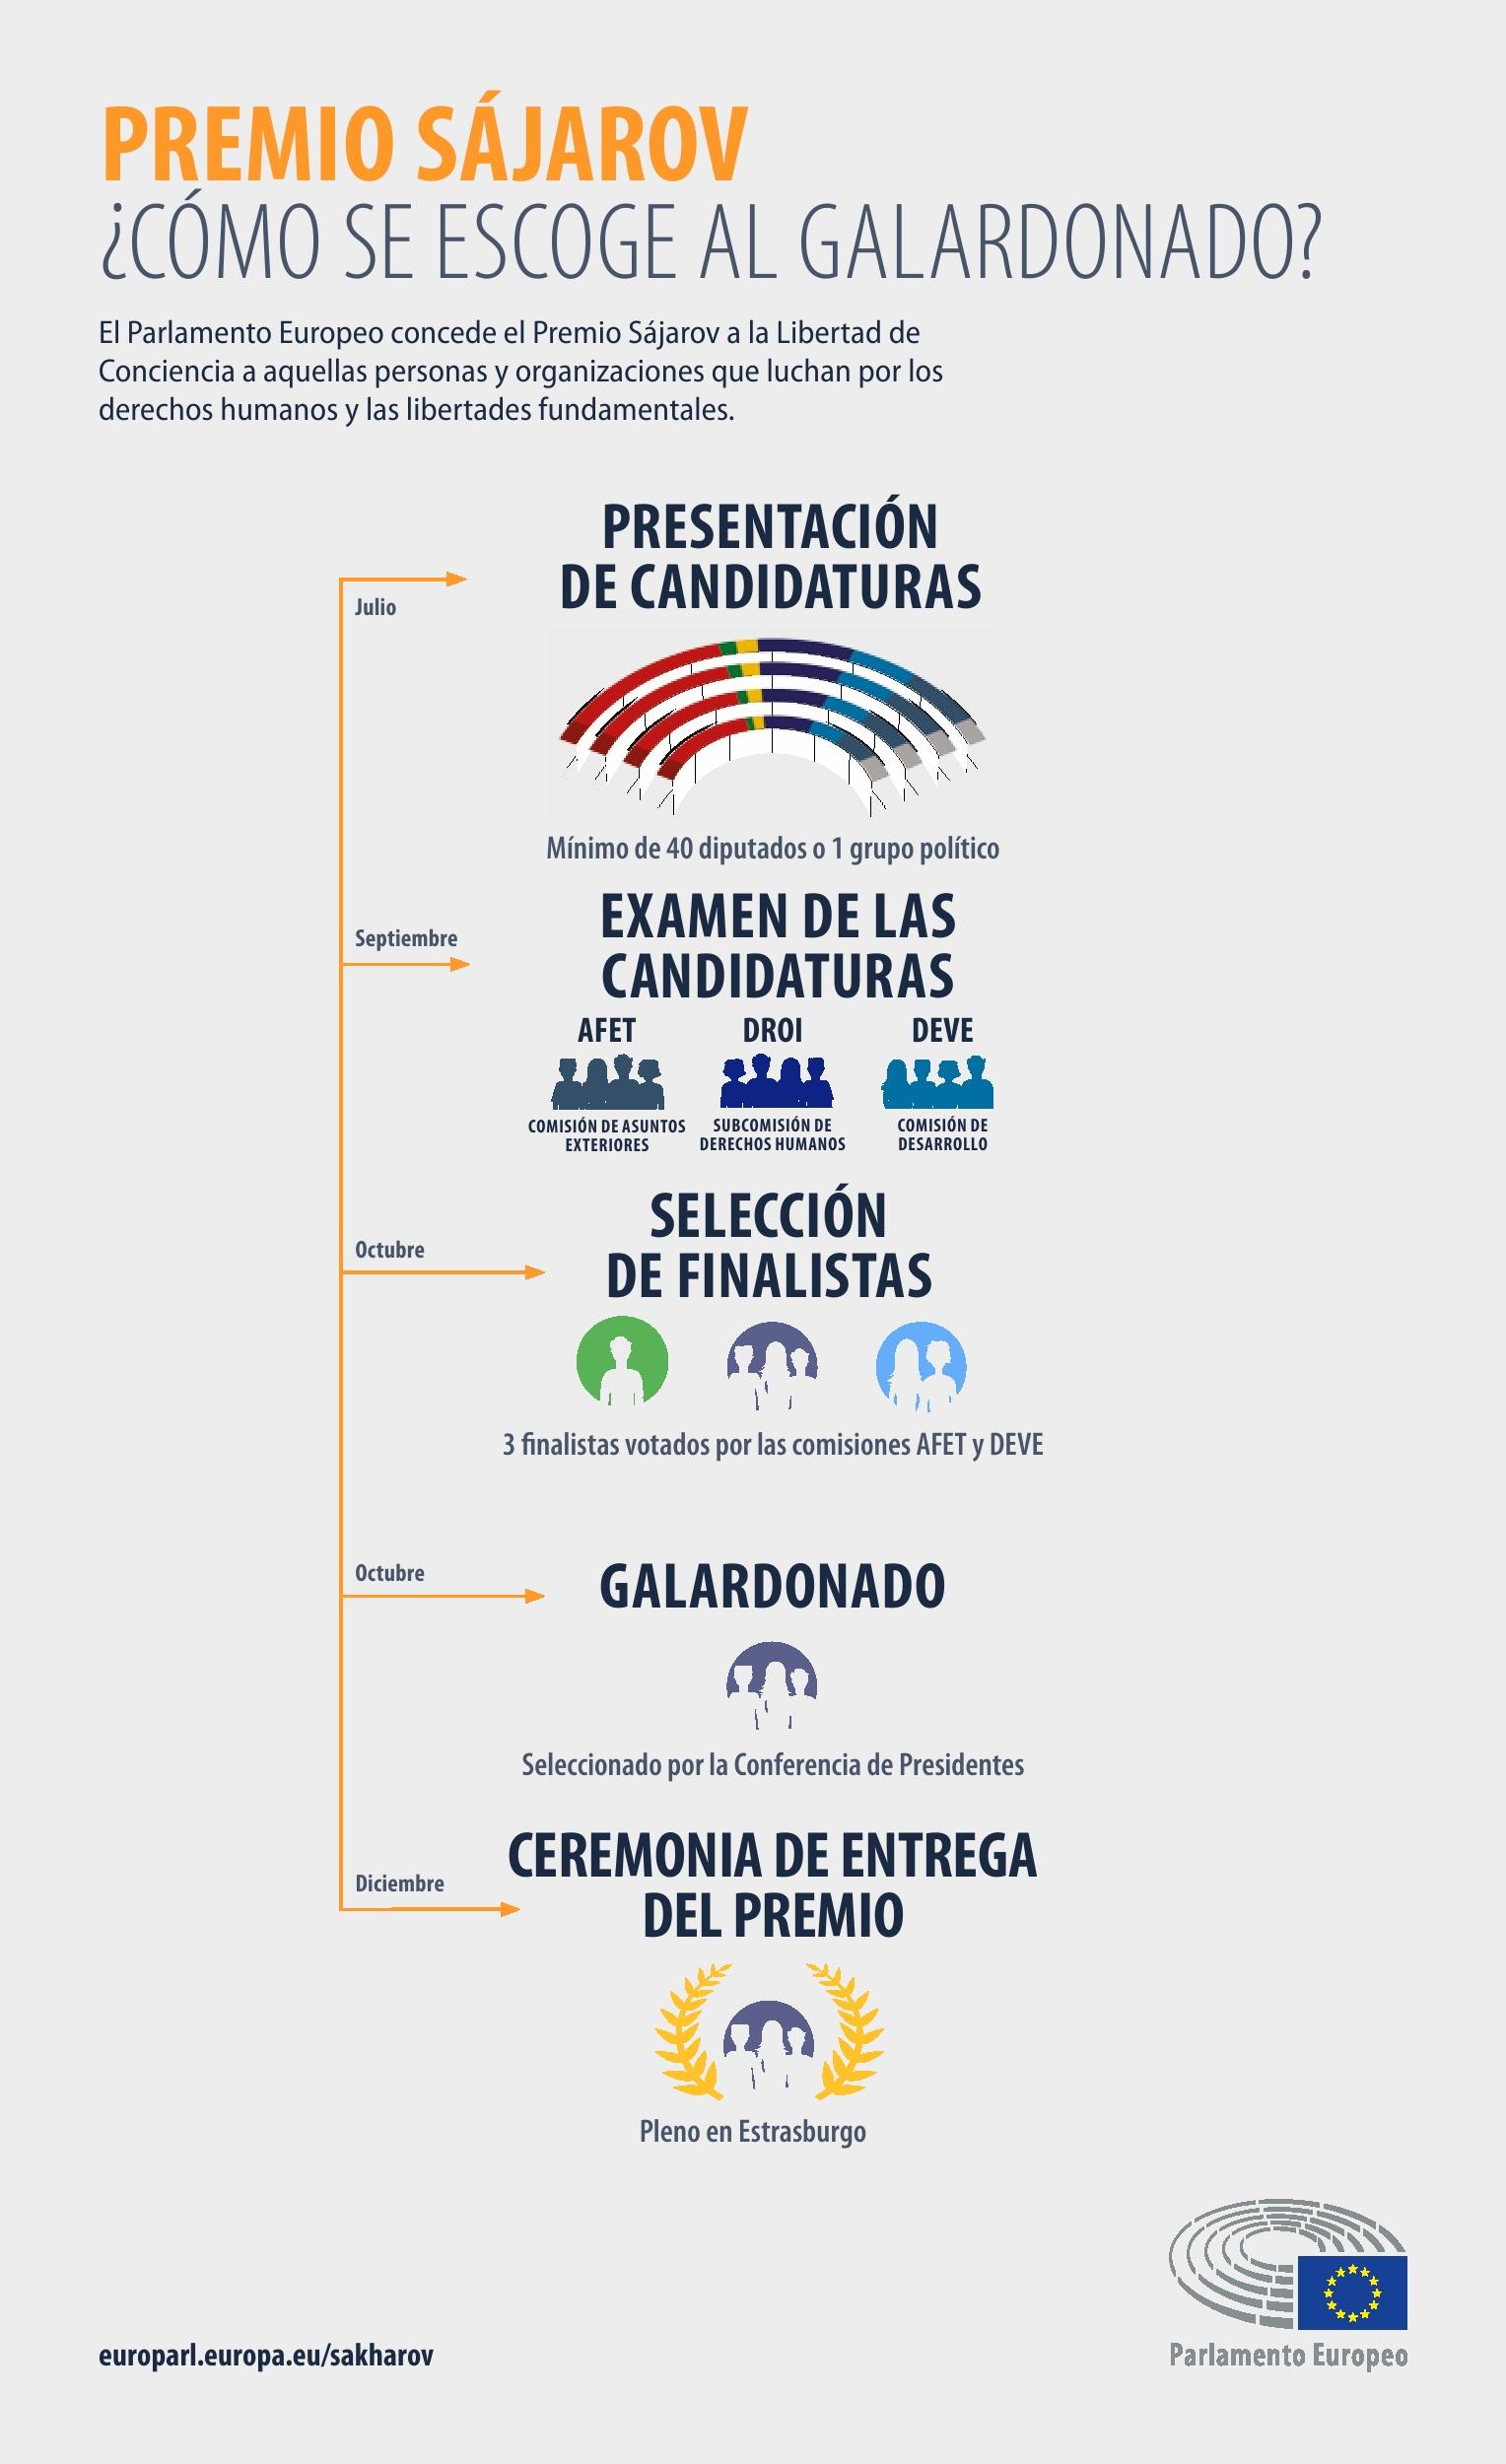 Infografía: ¿Cómo se elige al ganador?